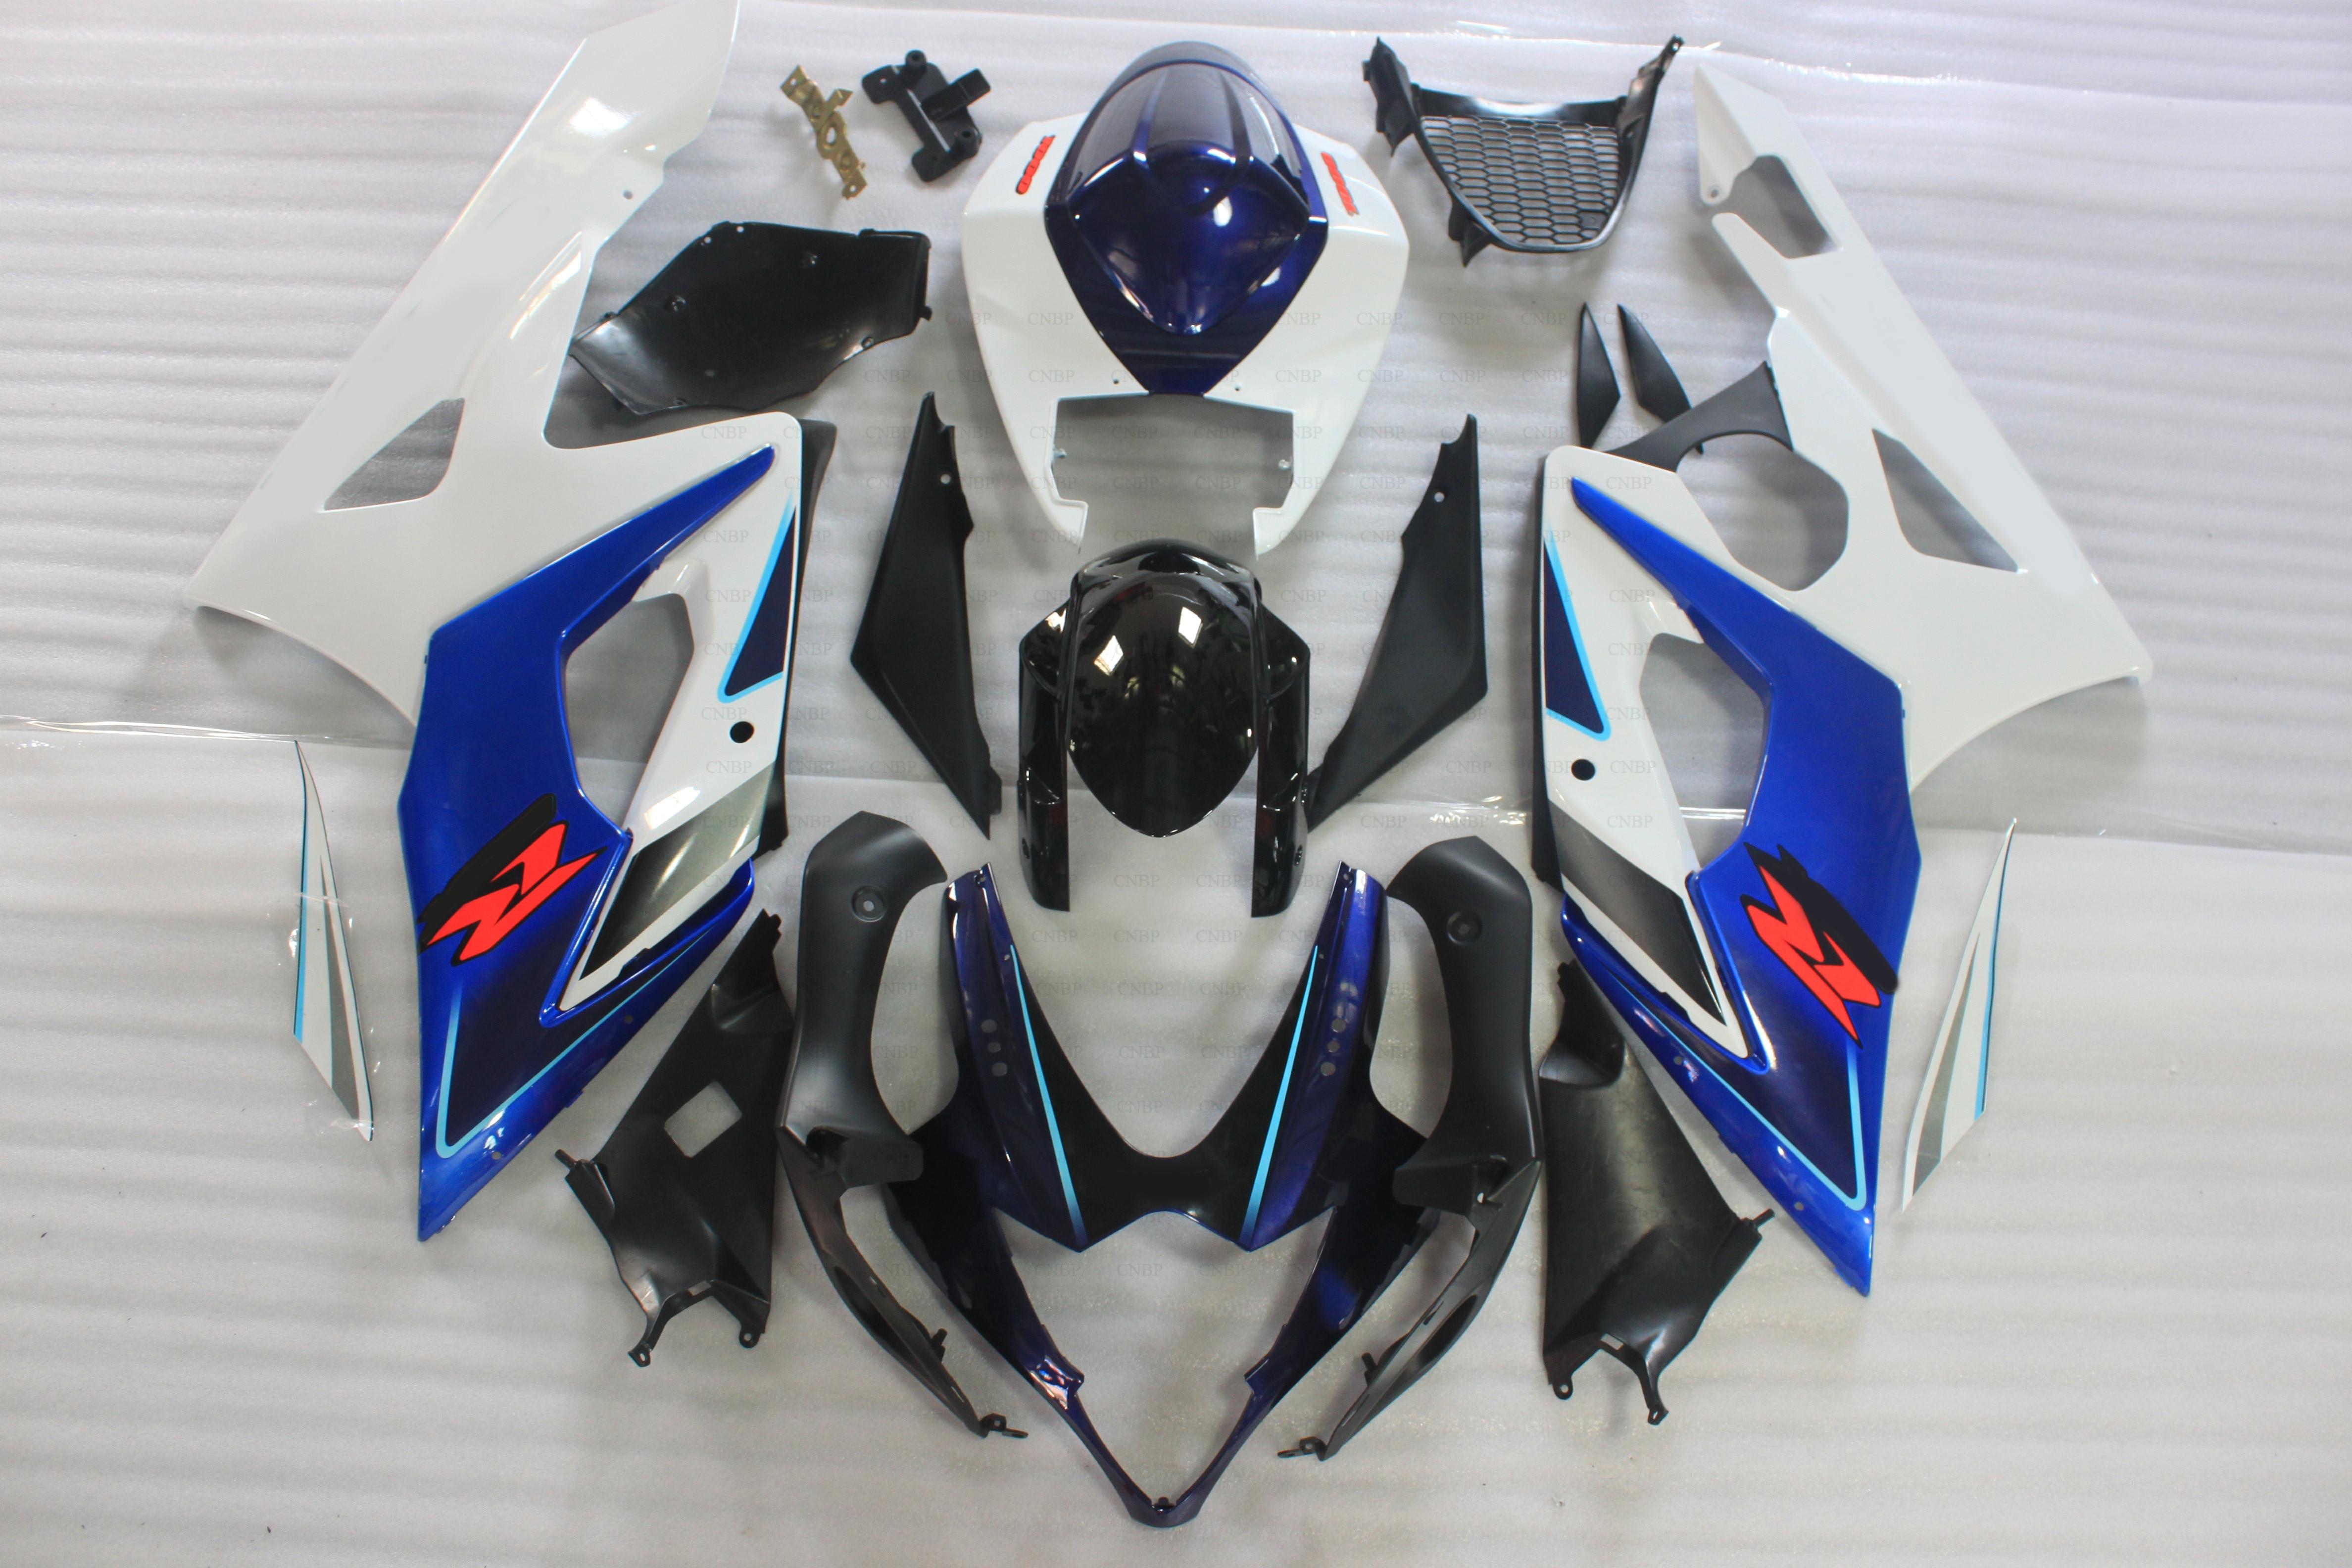 Bodywork for Suzuki GSXR1000 2006 Abs Fairing GSX R1000 2005 2005 - 2006 K5 Blue White Fairings GSXR 1000 2006 custom road fairing kits for suzuki glossy flat black 2006 gsxr 1000 k5 2005 gsx r1000 06 05 motorcycle fairings kit